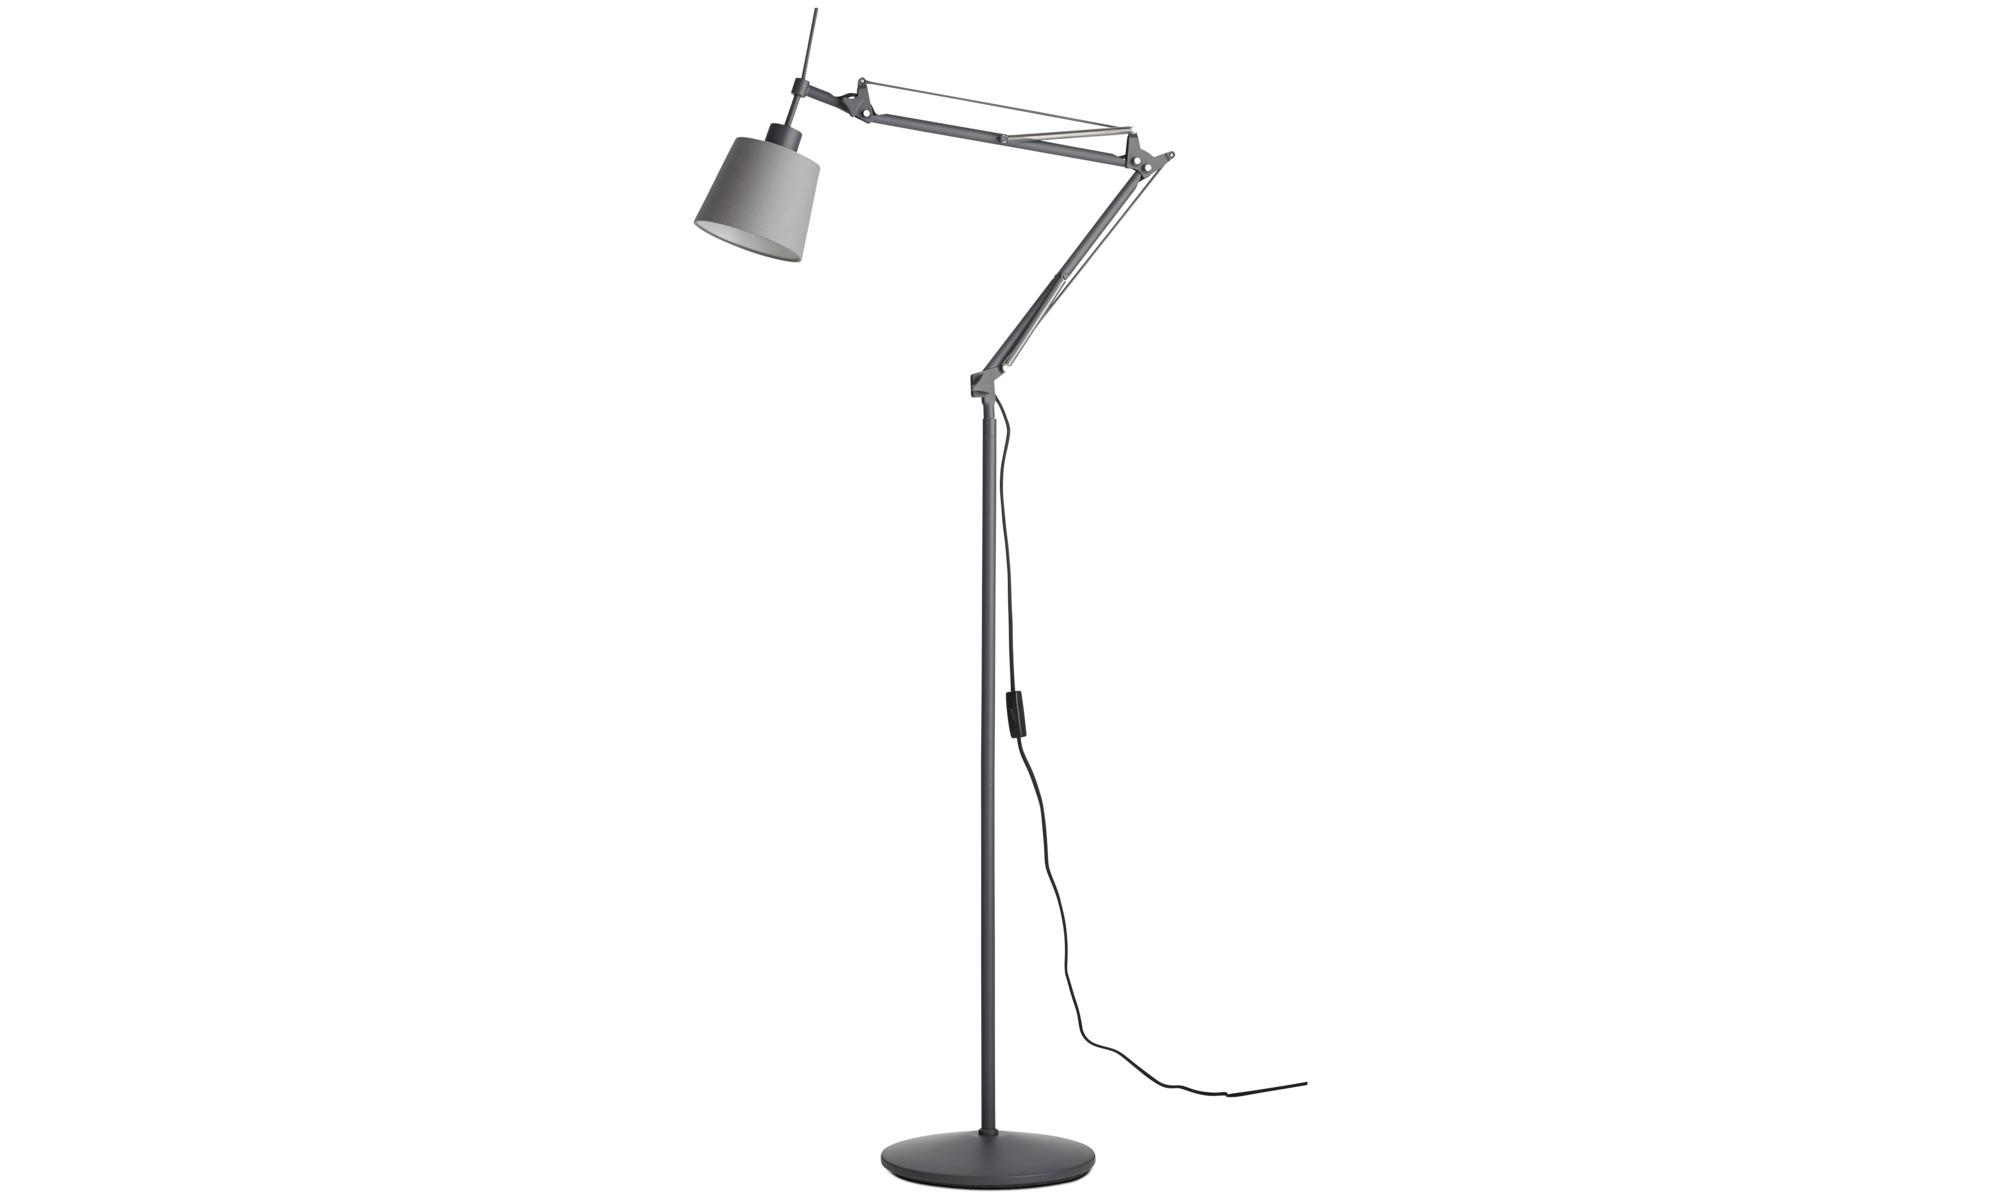 stehleuchten berlin stehlampe boconcept. Black Bedroom Furniture Sets. Home Design Ideas